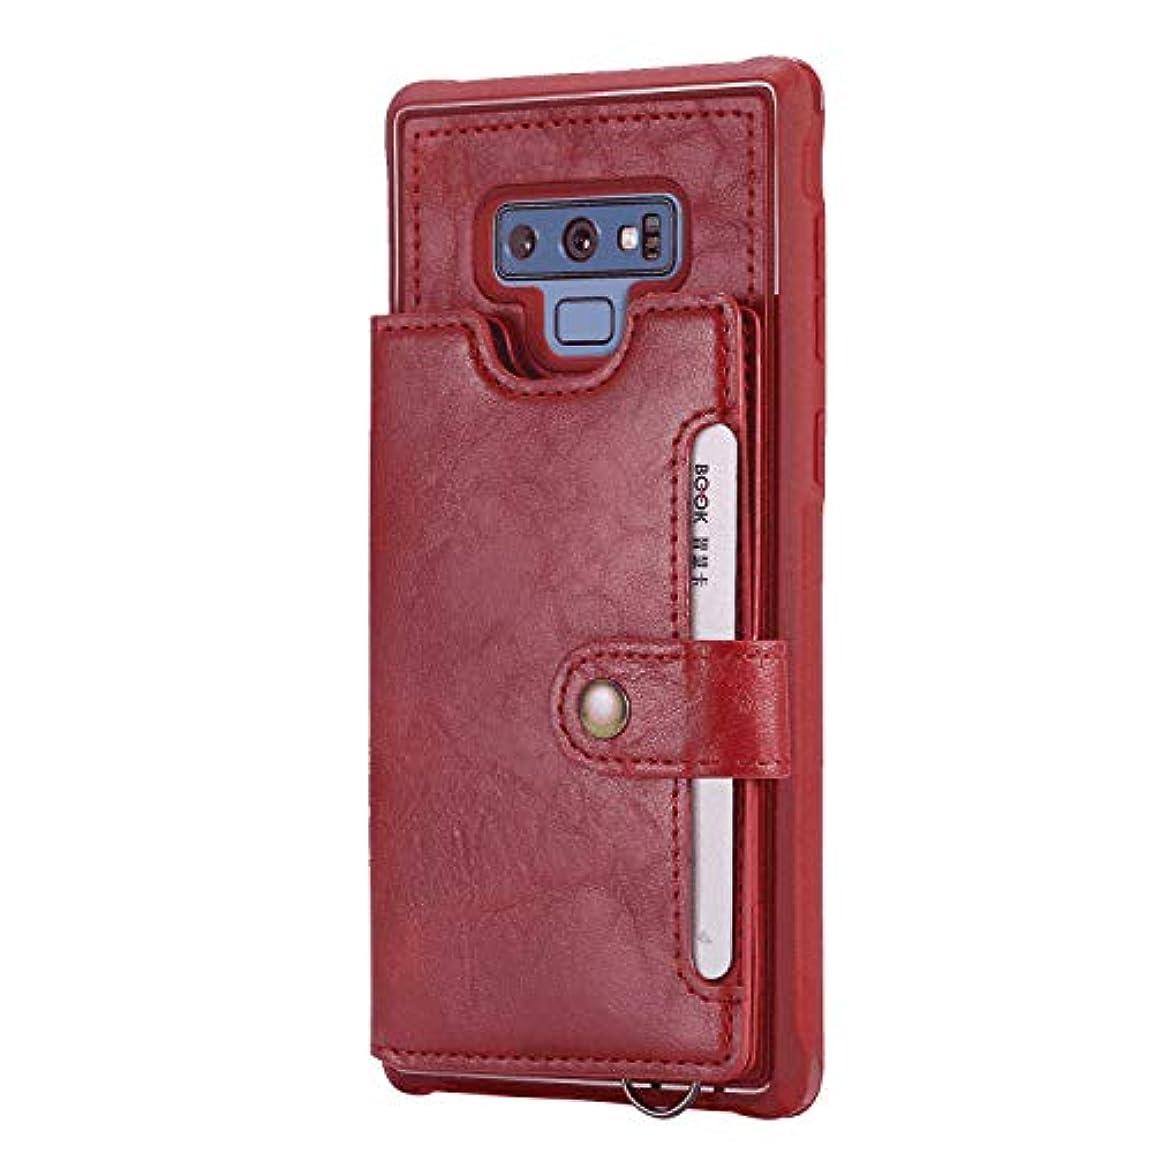 悲惨広いリスキーなiPhone 7 PUレザー ケース, 手帳型 ケース 本革 カバー収納 財布 全面保護 ビジネス スマートフォンケース 手帳型ケース iPhone アイフォン 7 レザーケース